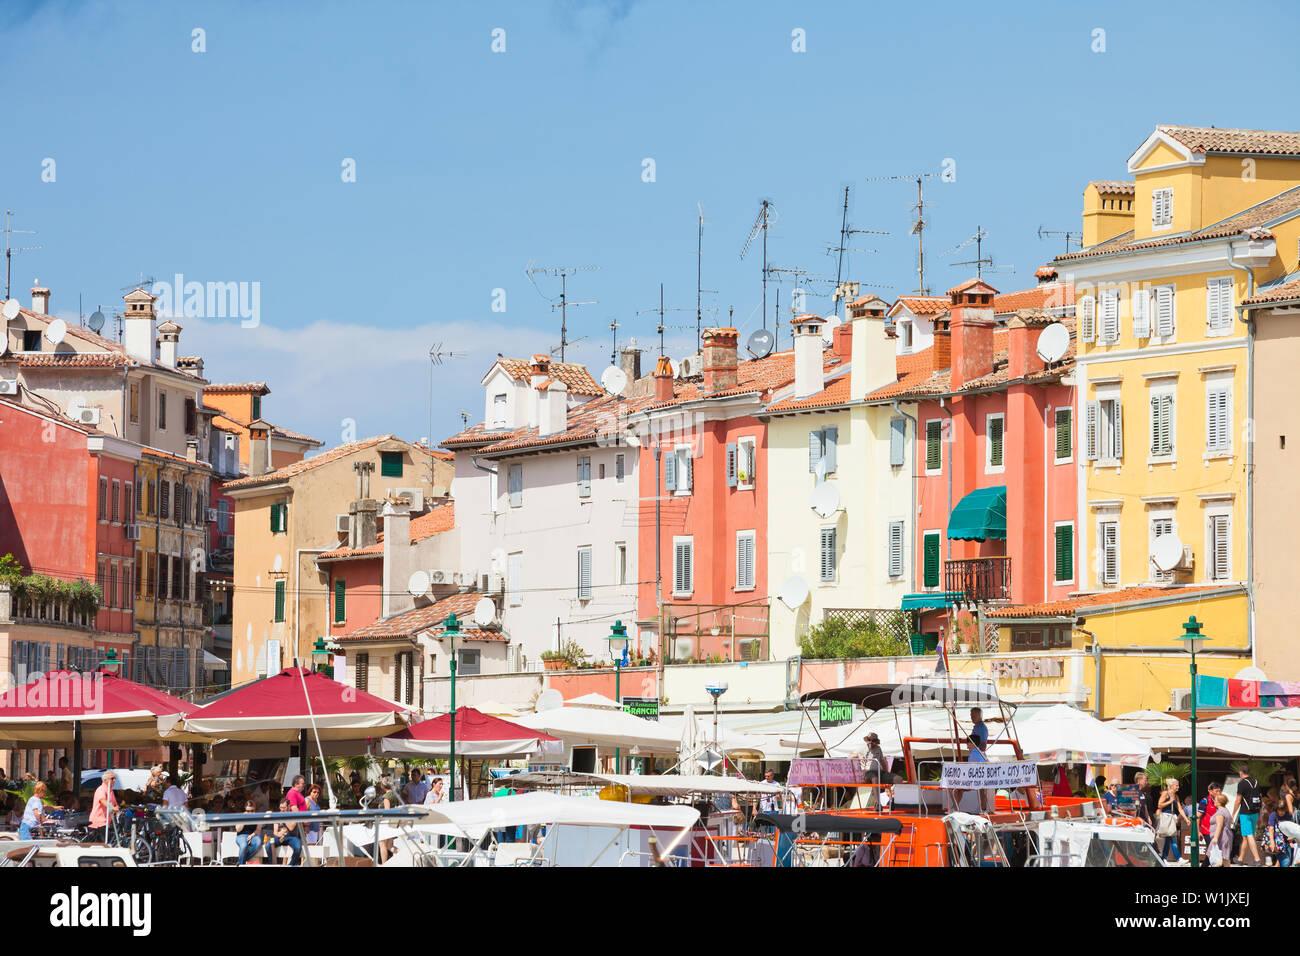 Rovinj, Kroatien, Europa - September 2, 2017 - Touristen, Boote und Häuser am Hafen von Rovinj Stockfoto